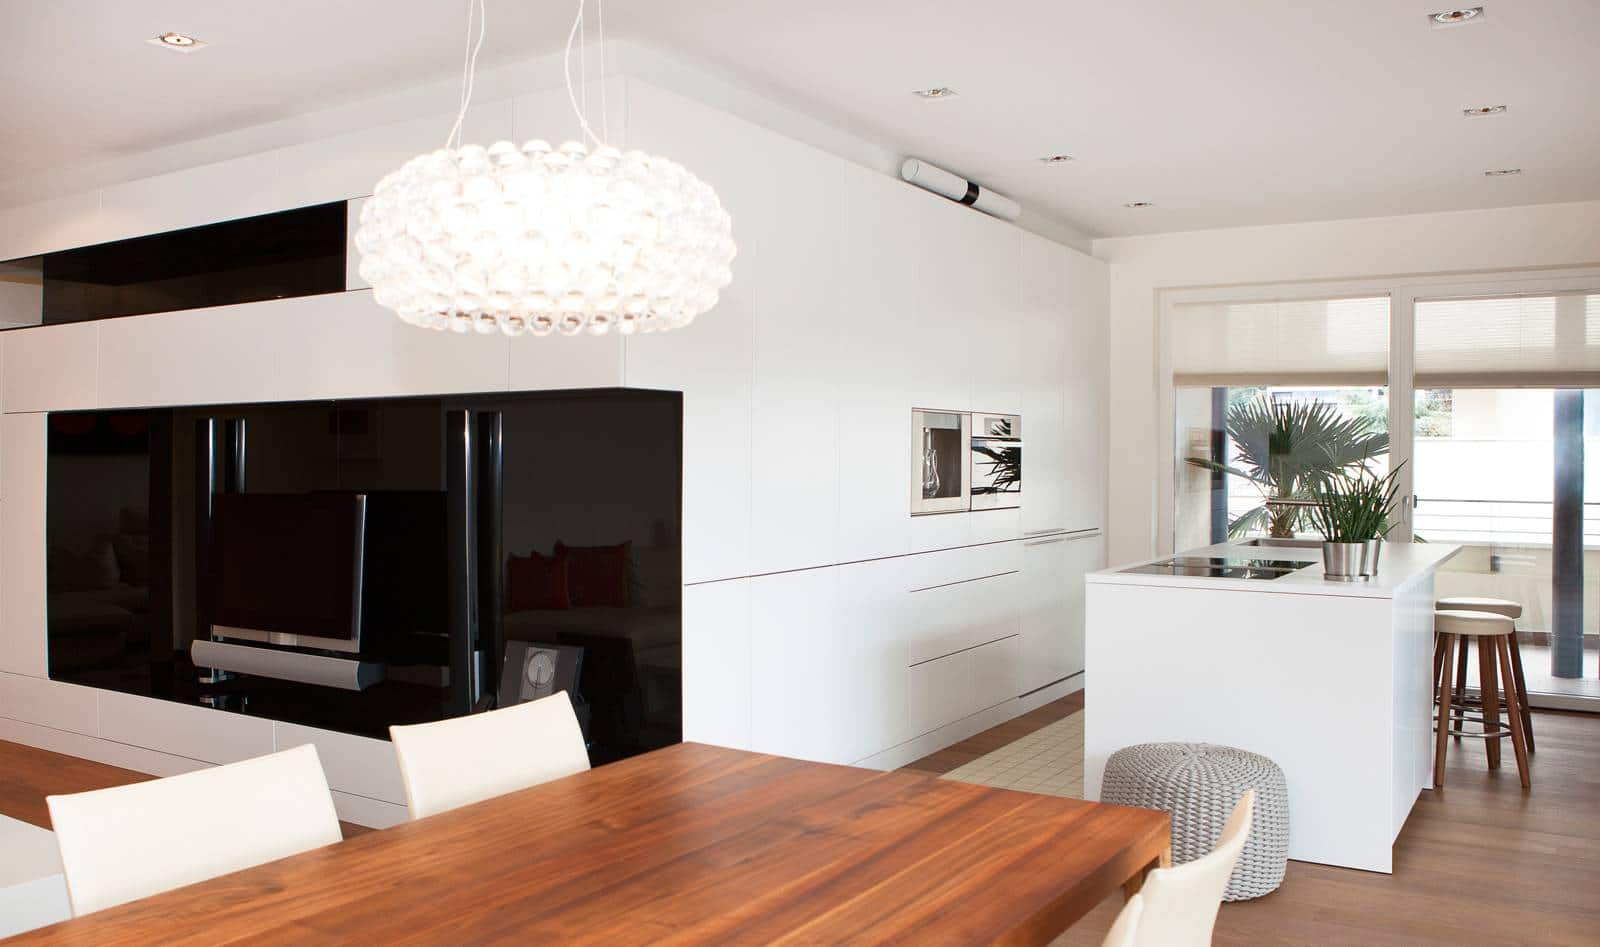 Dise o de planos de apartamento e interior construye hogar - Comedor pequeno decoracion ...